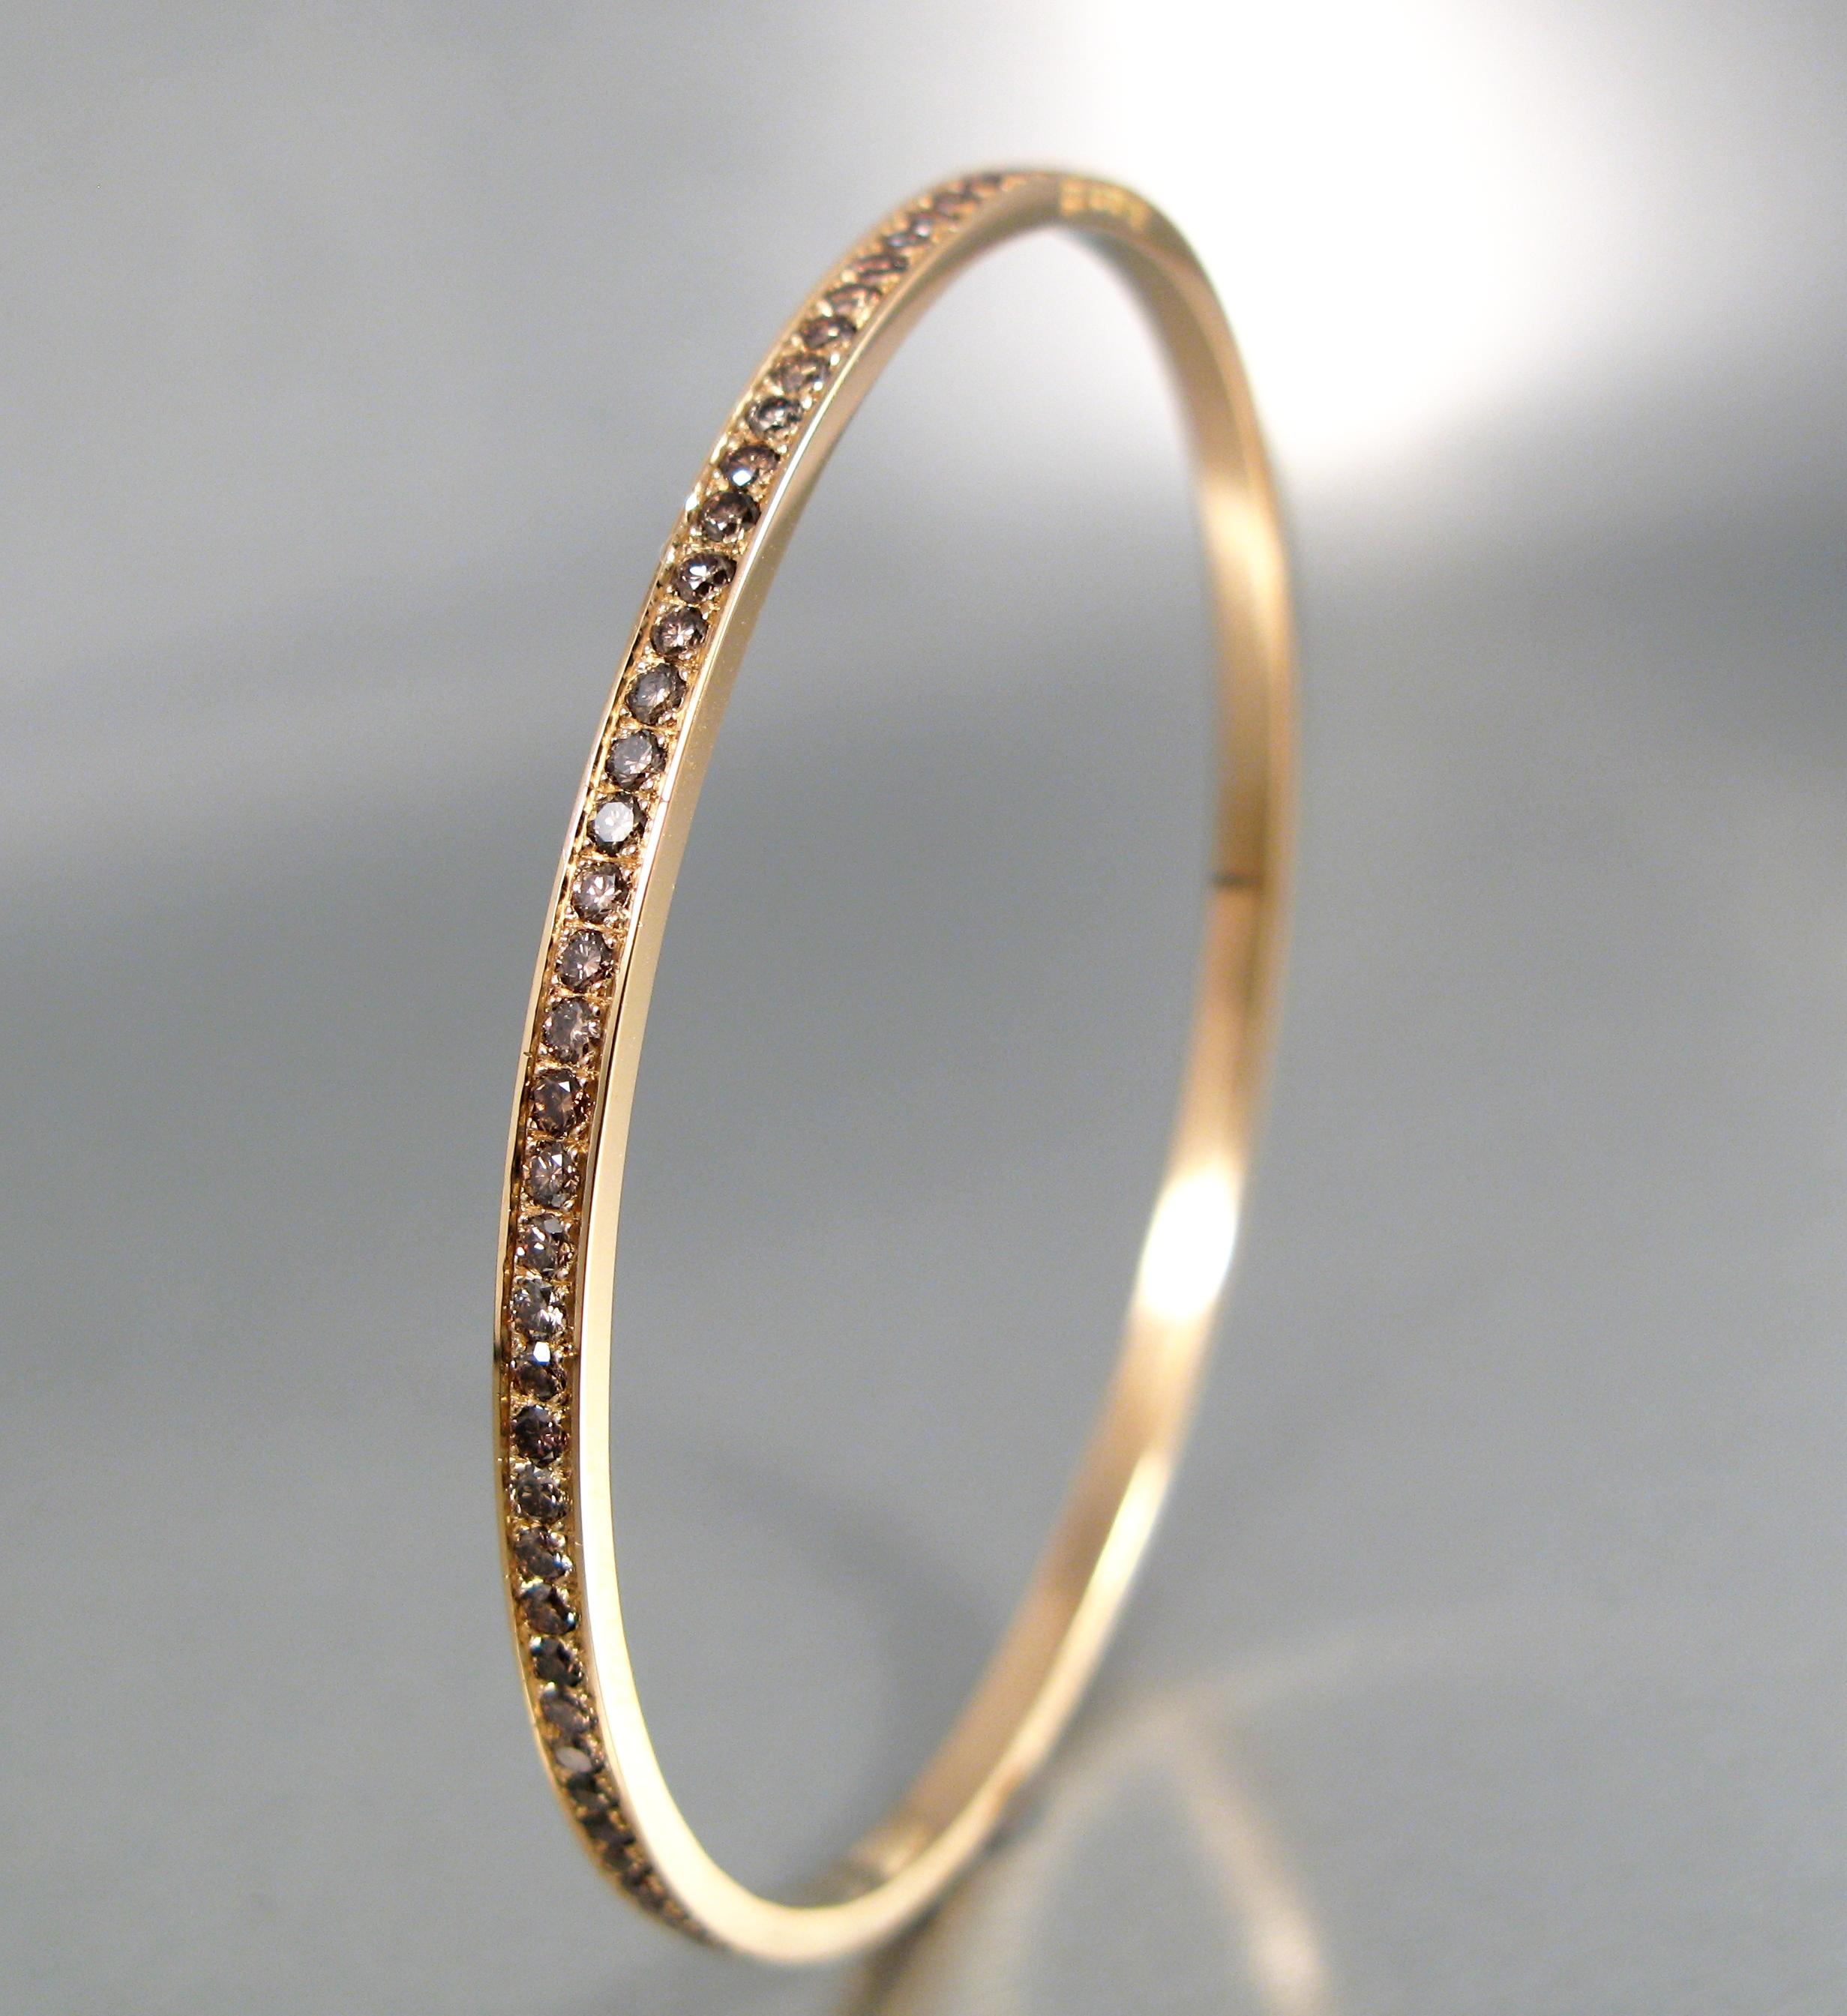 Stel armring i guld med naturfärgade briljanter